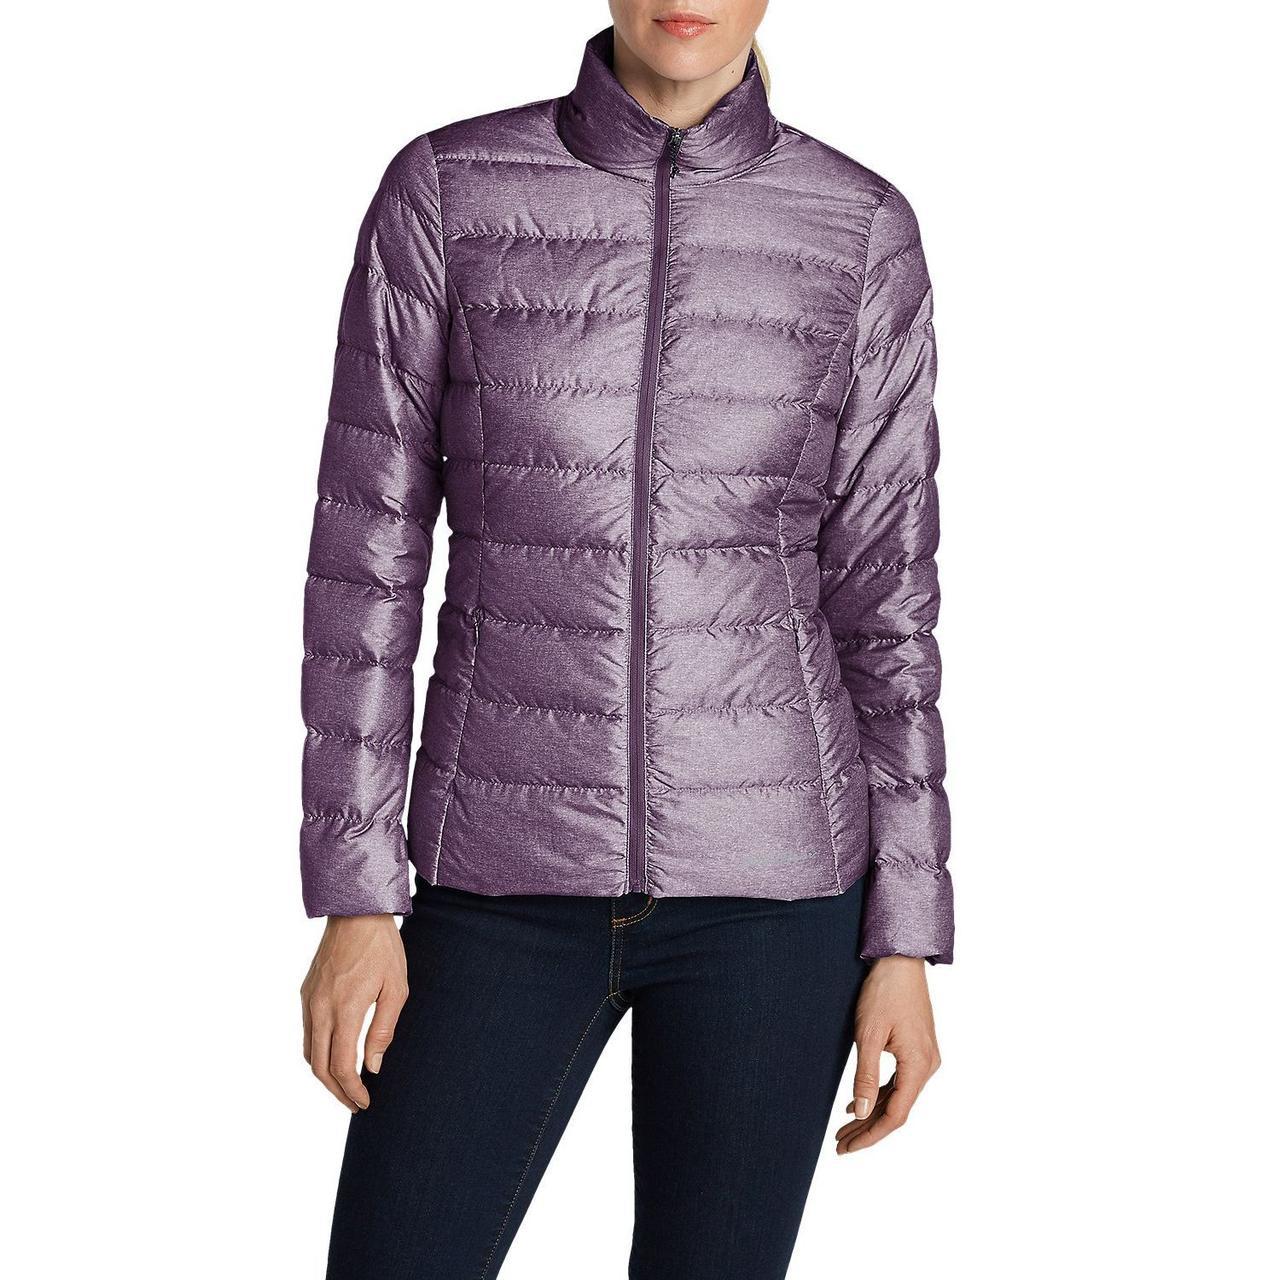 Куртка Eddie Bauer Women CirrusLite Down Jacket L Фиолетовый (0103DKPL)